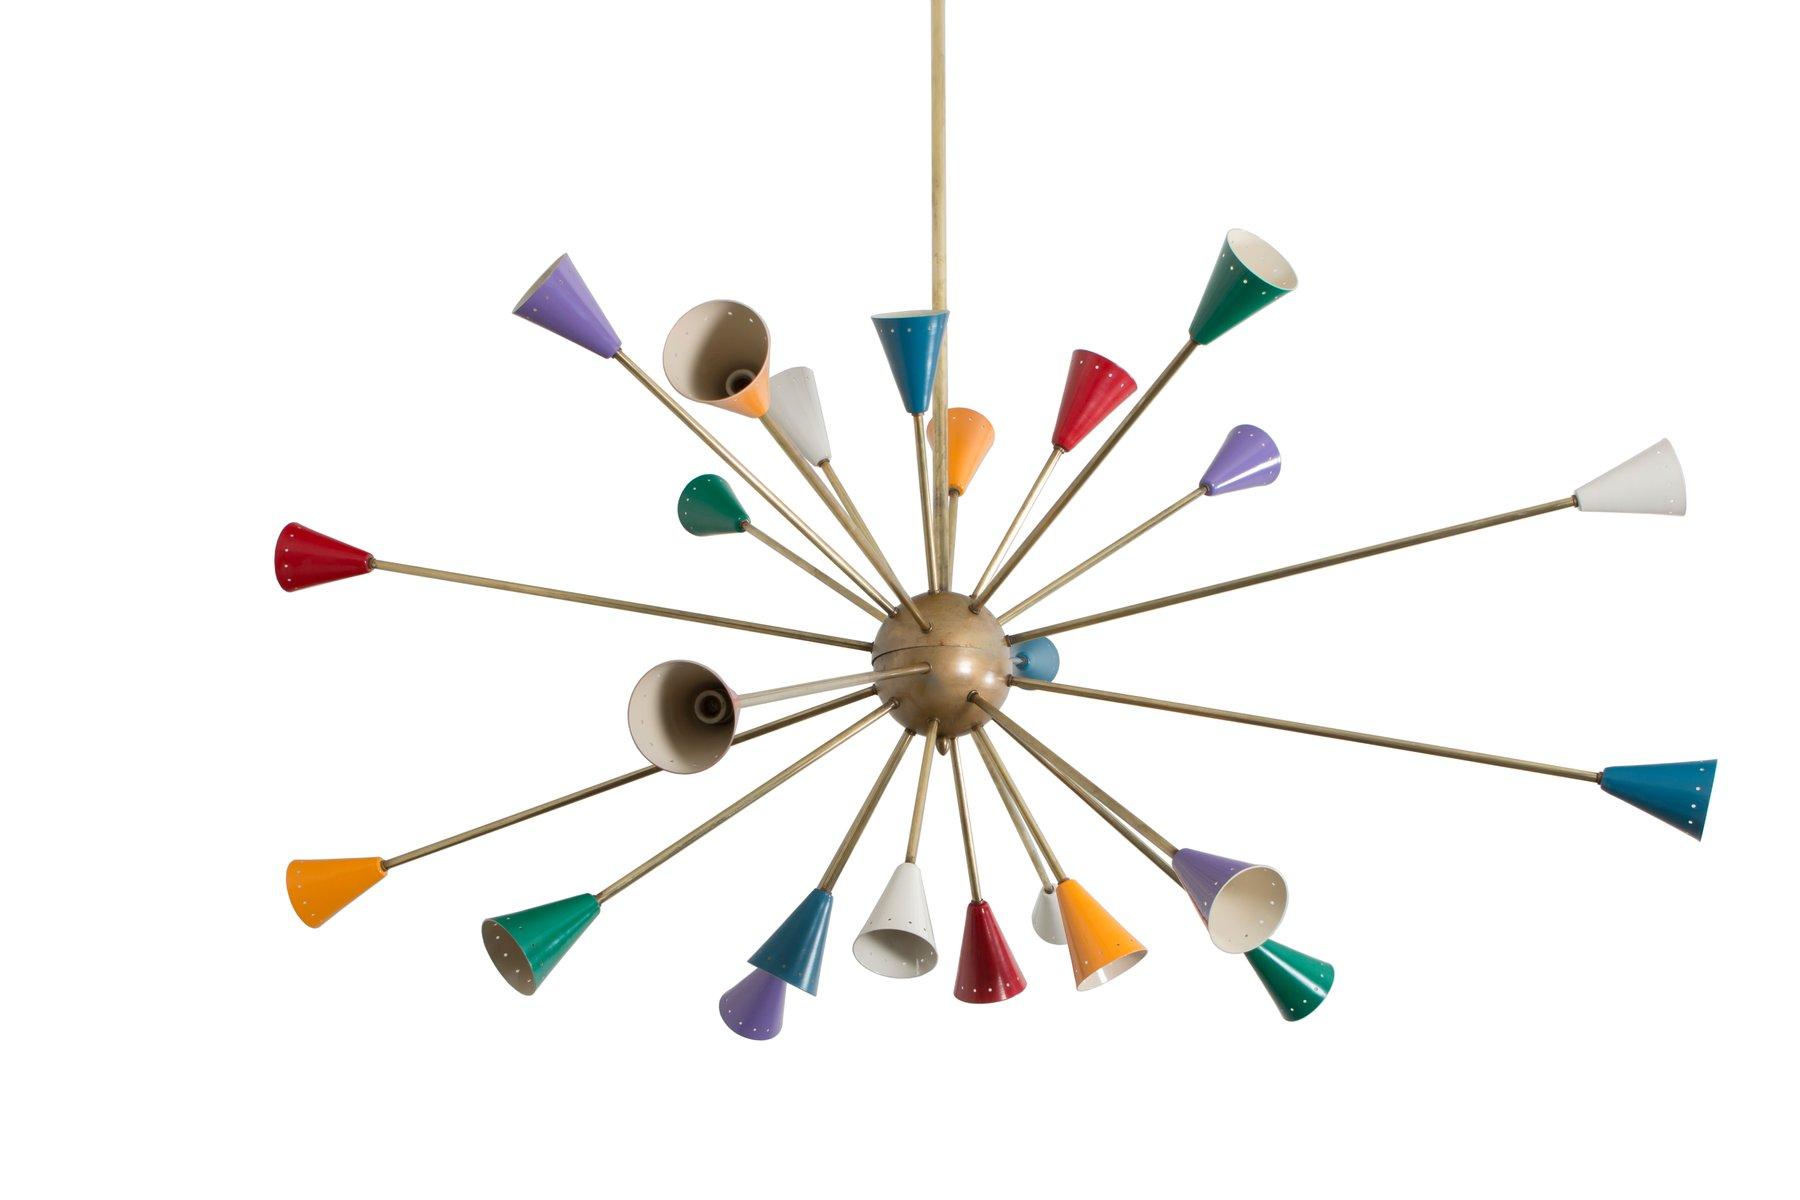 bunte italienische messing sputnik deckenlampe 1950er bei pamono kaufen. Black Bedroom Furniture Sets. Home Design Ideas